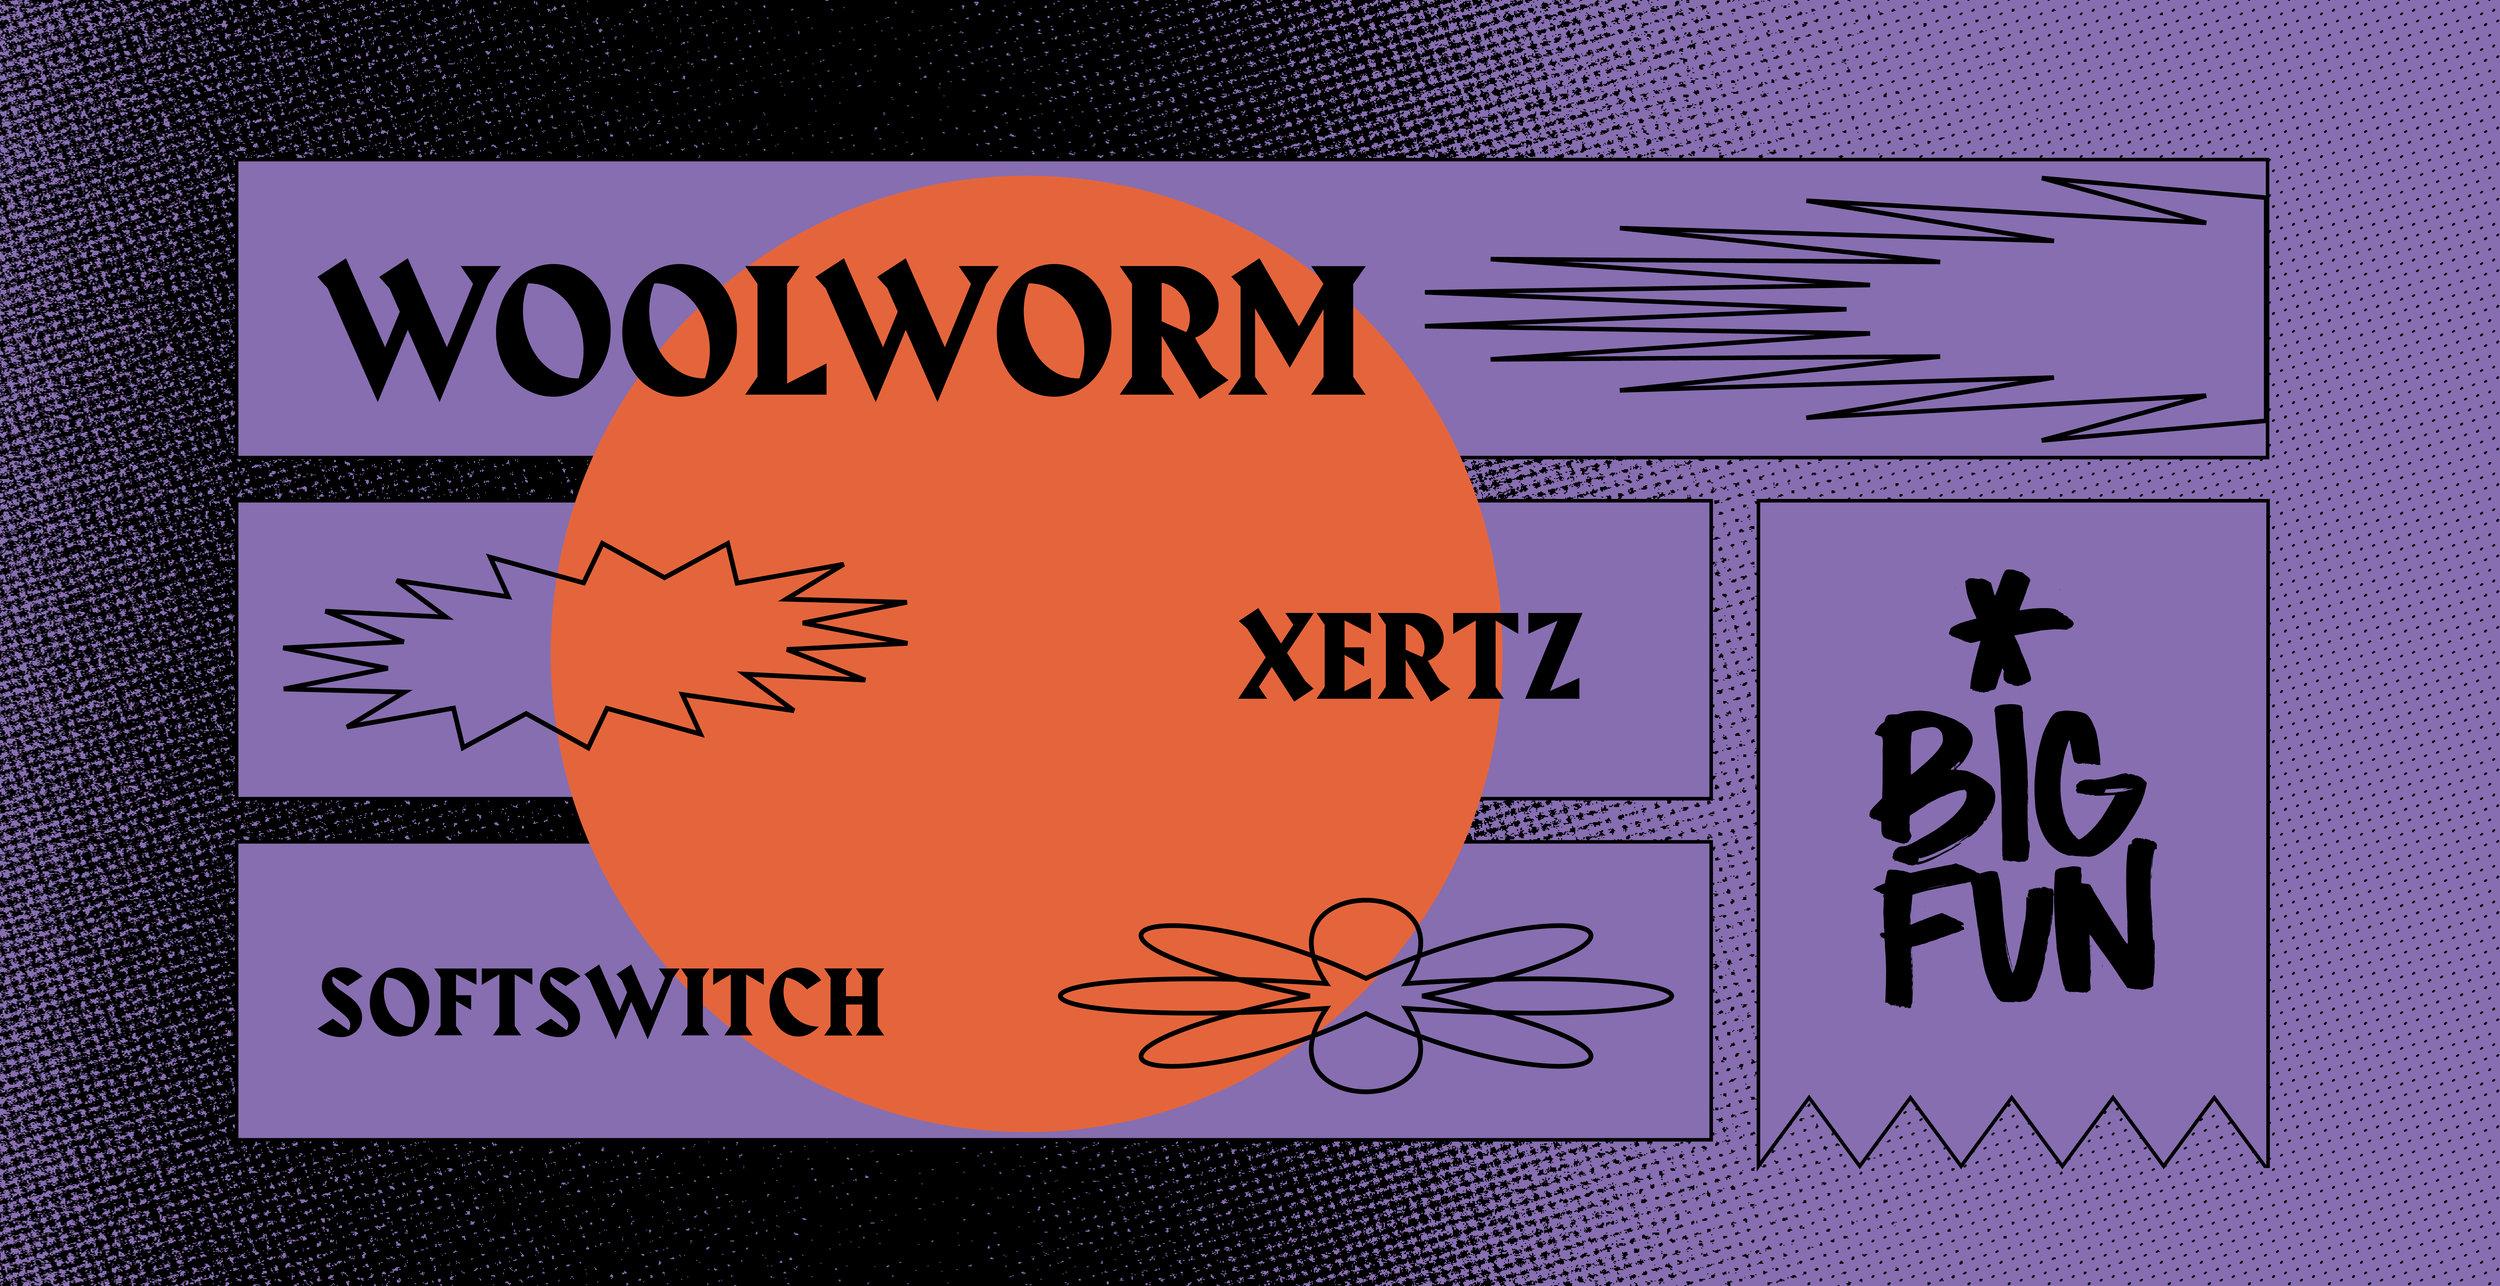 03-BIGFUN-WOOLWORM-FB.jpg